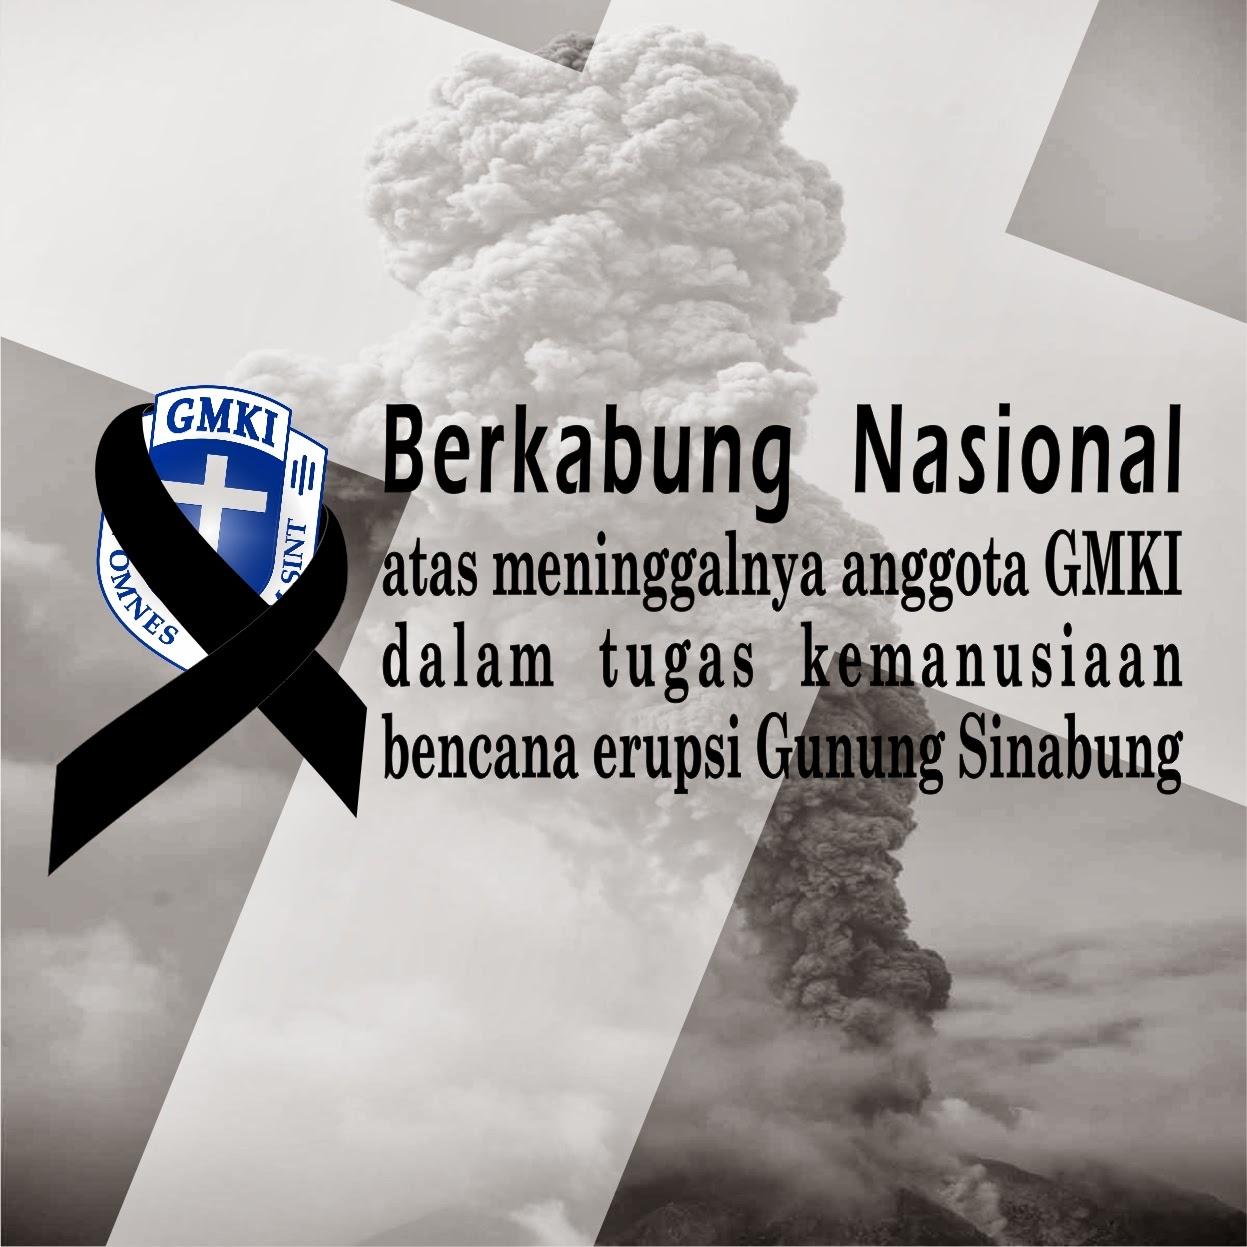 GMKI BERKABUNG